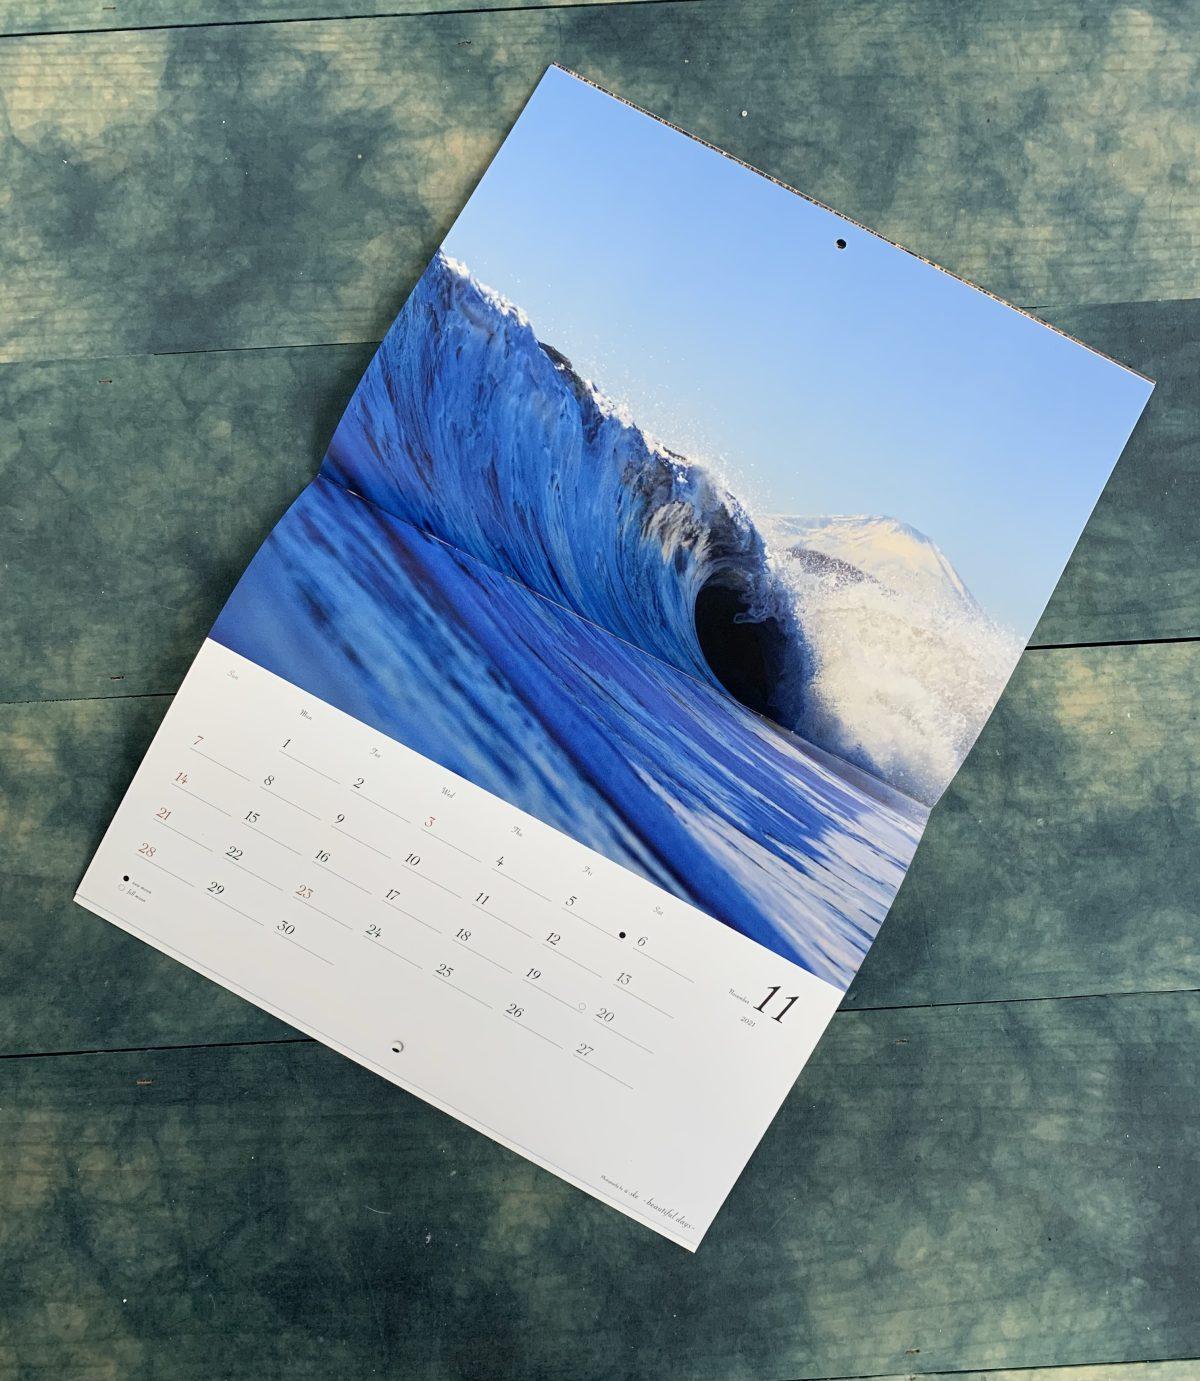 Uske Suzuki calendar 2021 🌊🗻🎁